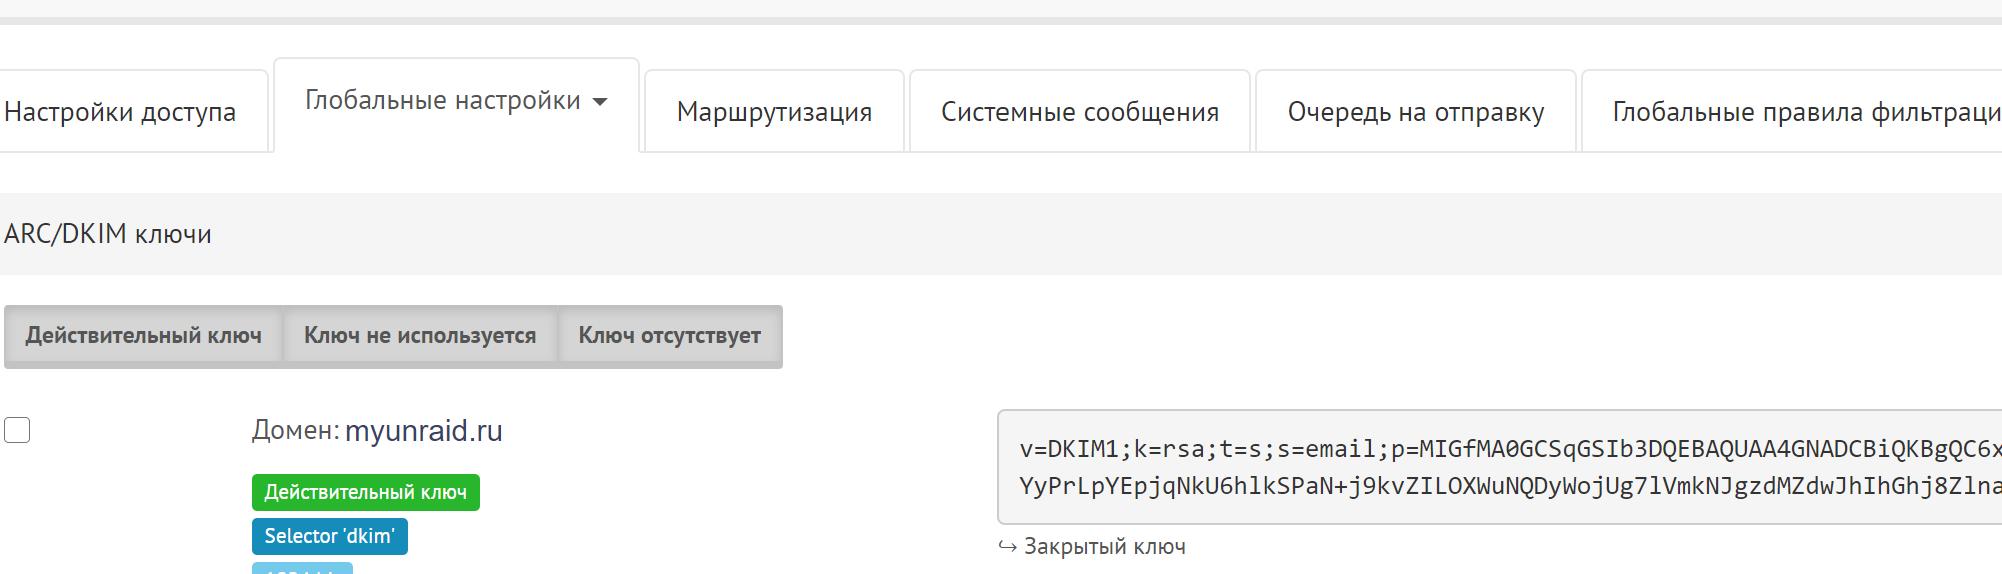 Mailcow - поднимаем свой почтовый сервер на Unraid 6.8.3 38